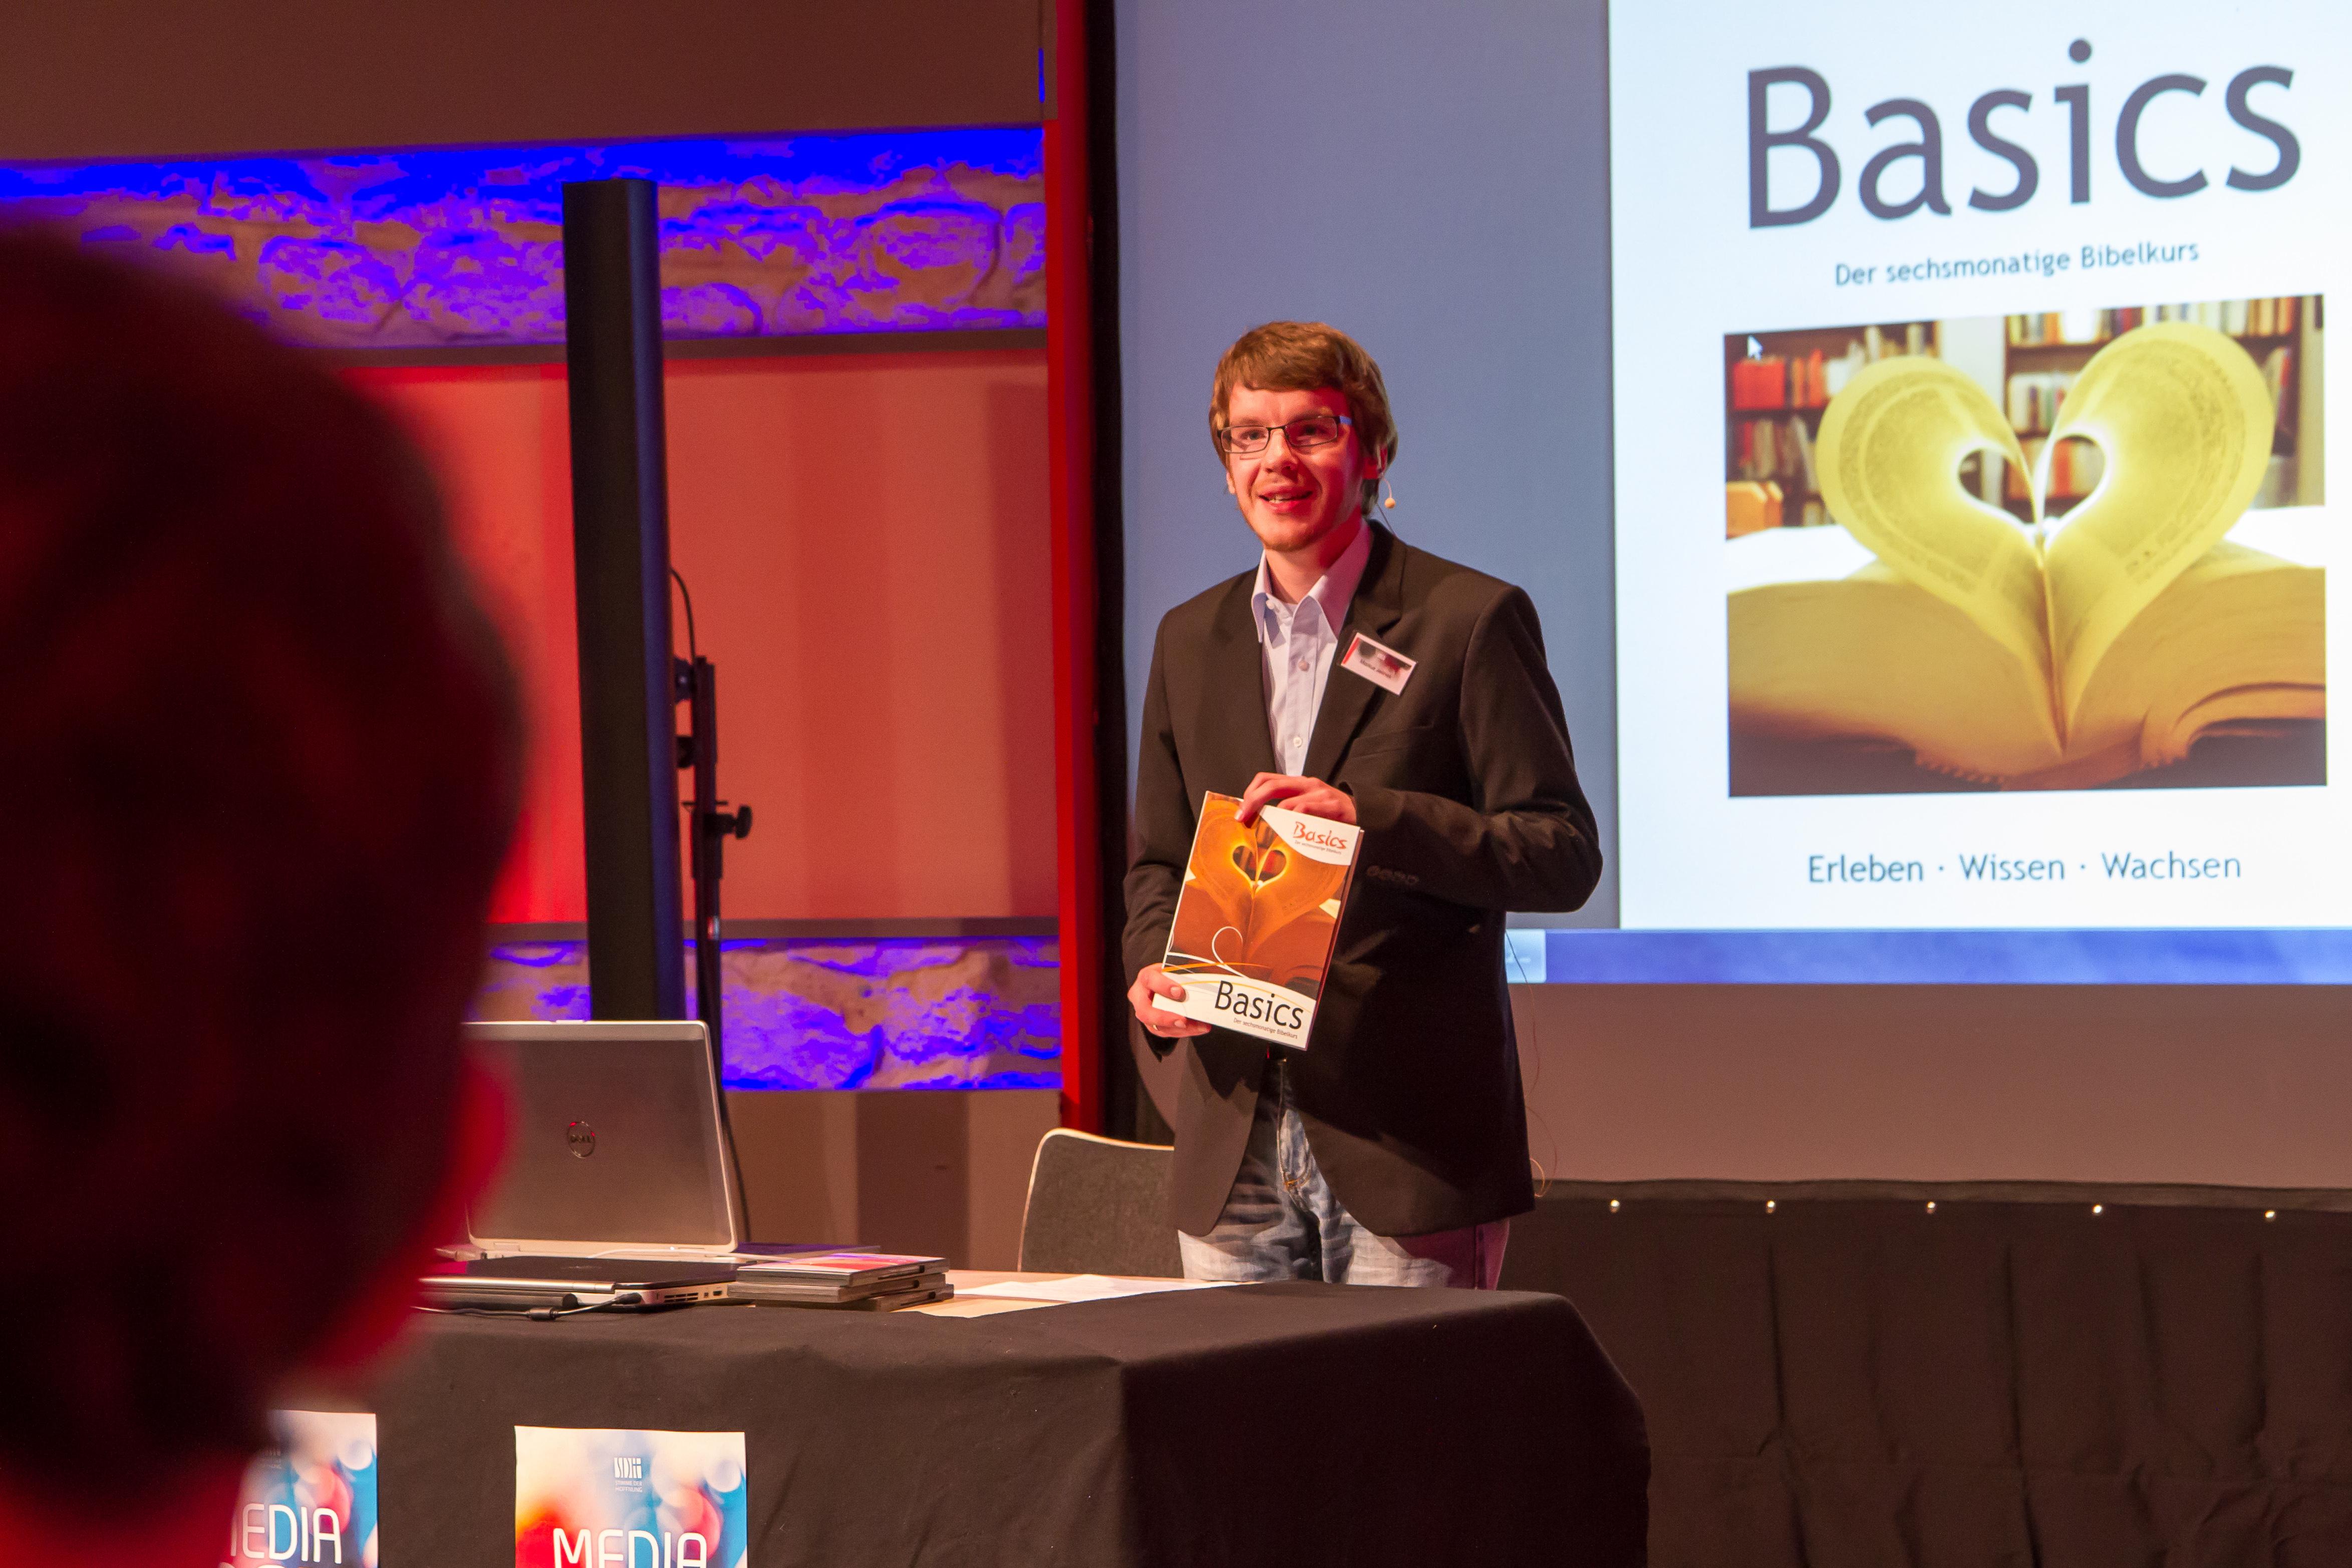 Marcus Jelinek beim 2. MediaDay im Medienzentrum STIME DER HOFFNUNG